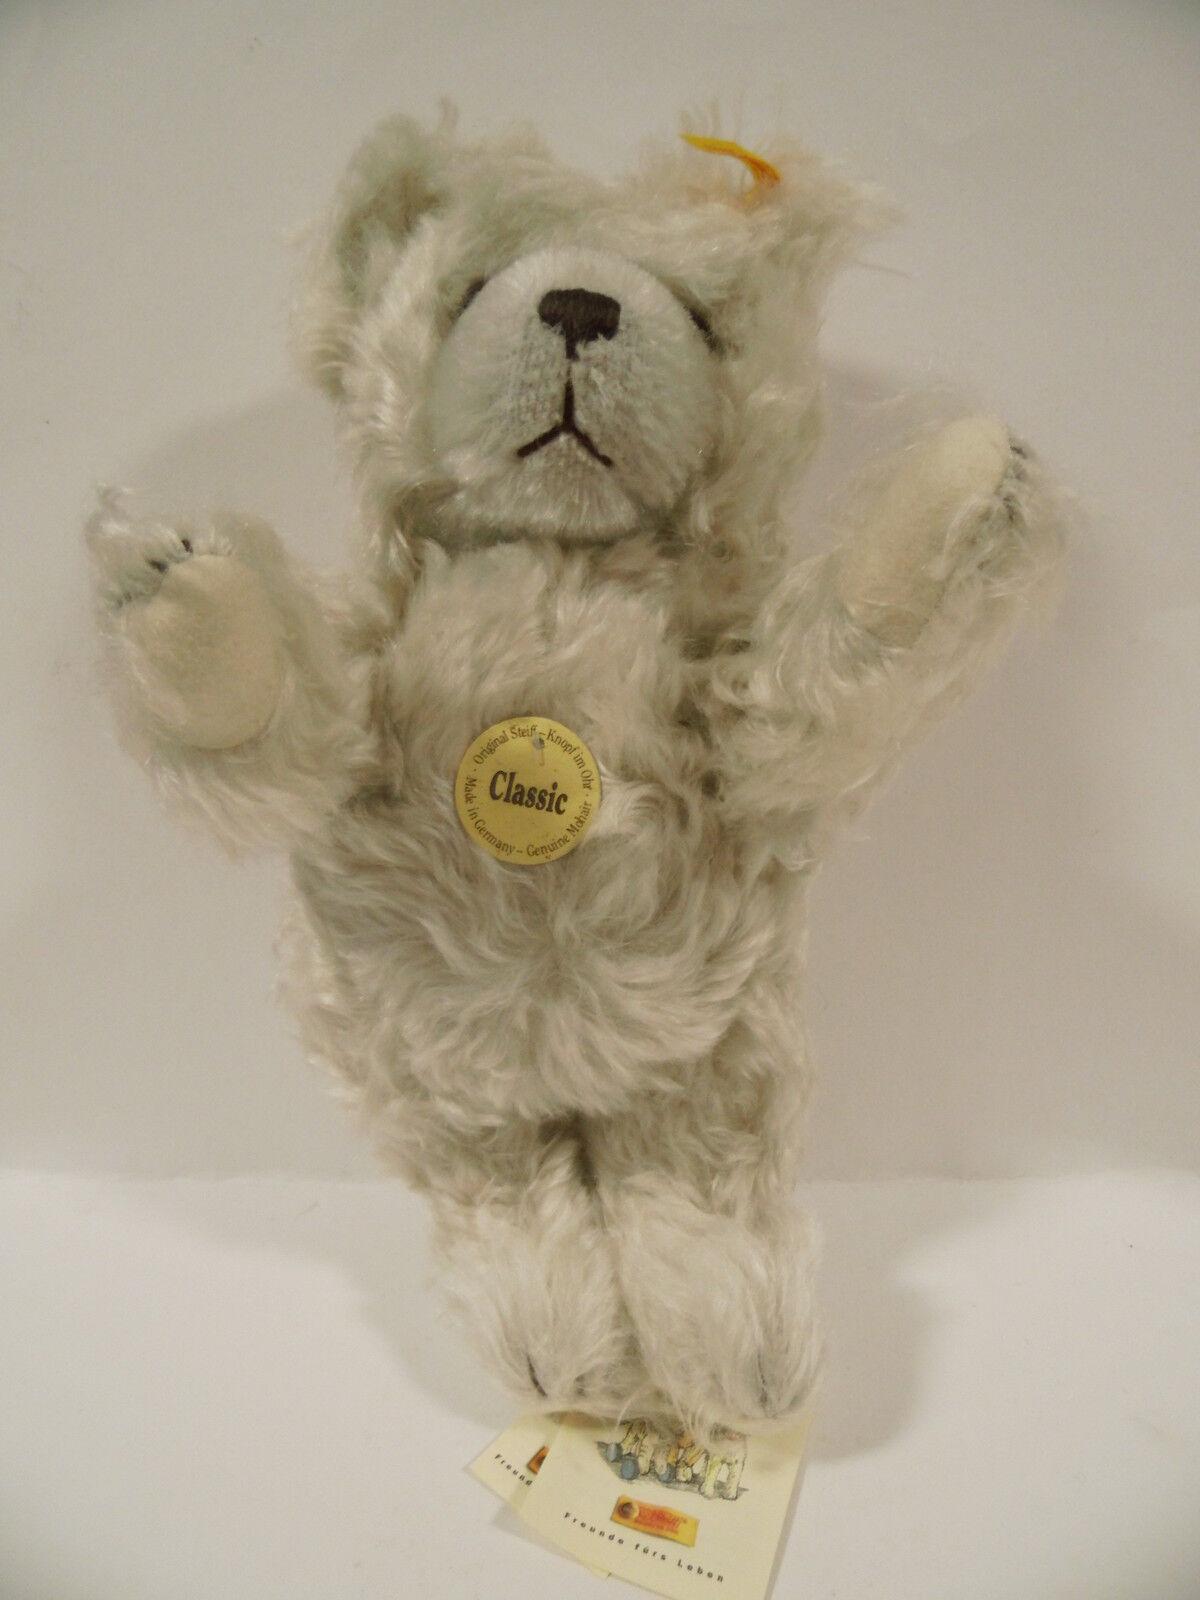 Steiff Teddy - Classic - 005251 - 28 cm - mit Zertifikat